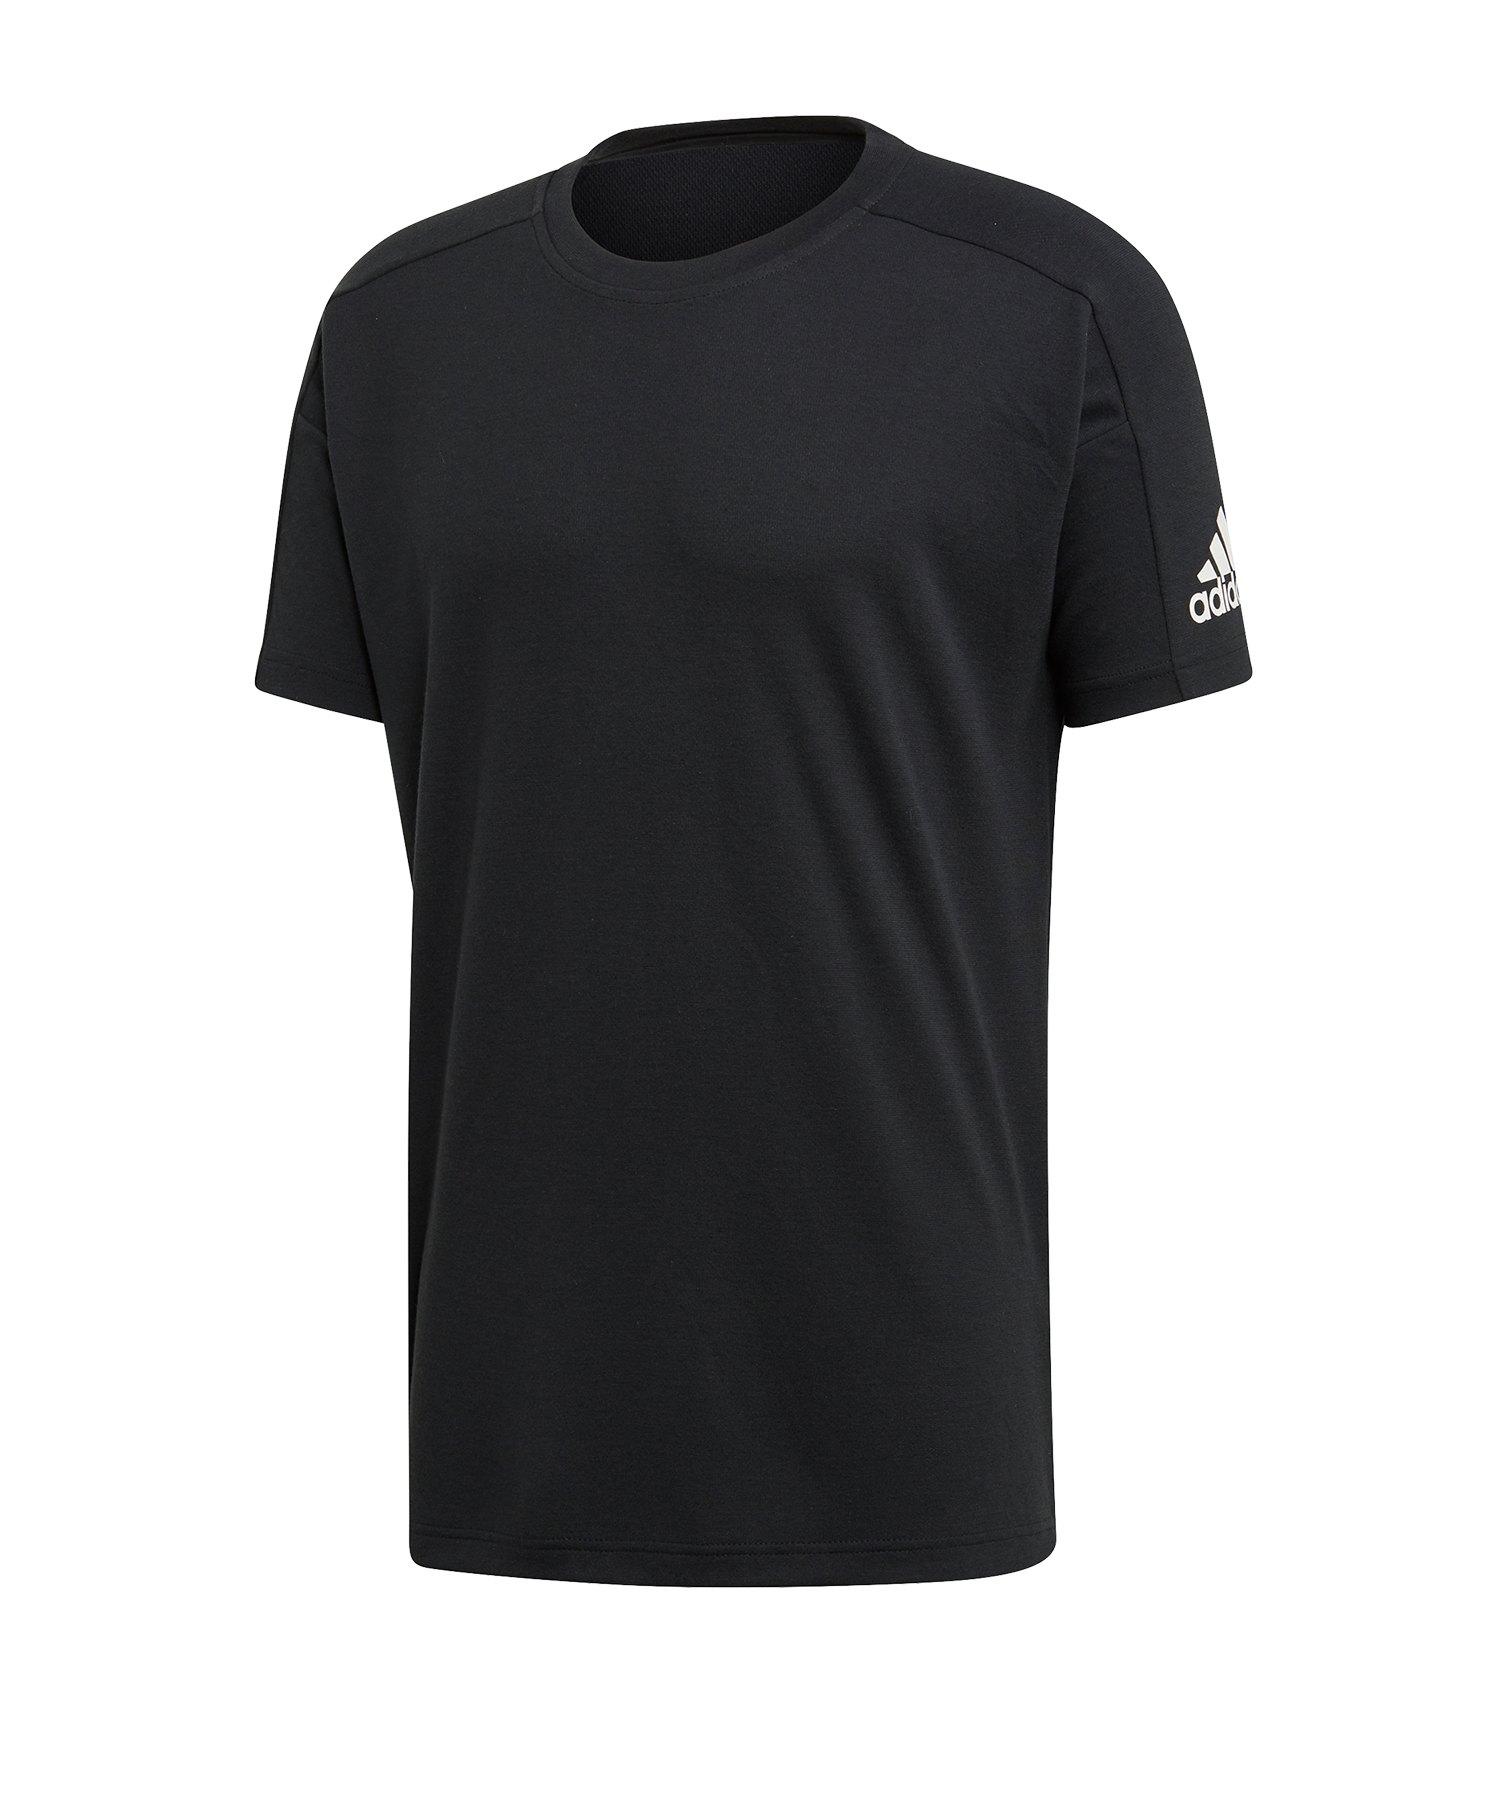 adidas ID Stadium Tee T-Shirt Schwarz - Schwarz